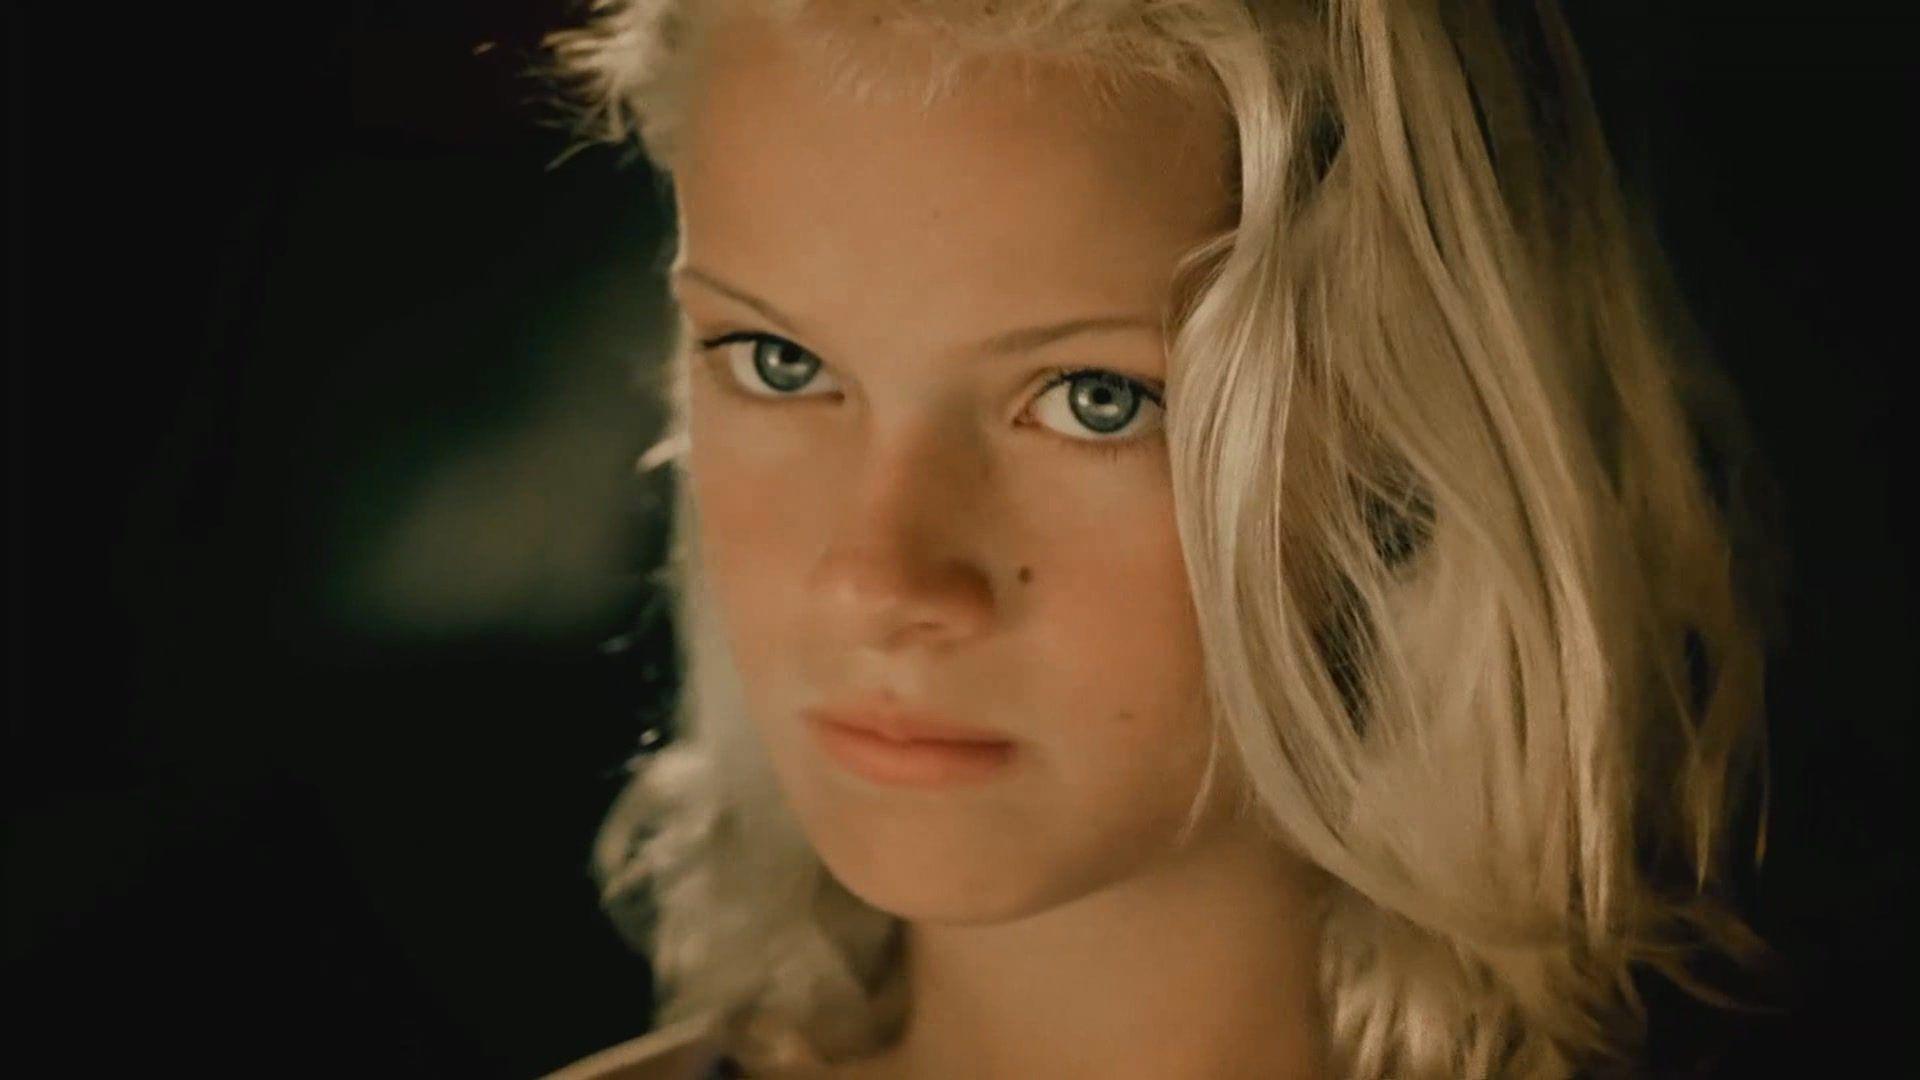 Taylor Cepat Swift Mine Music Video Taylor Cepat Swift Image 21519701 Fanpop